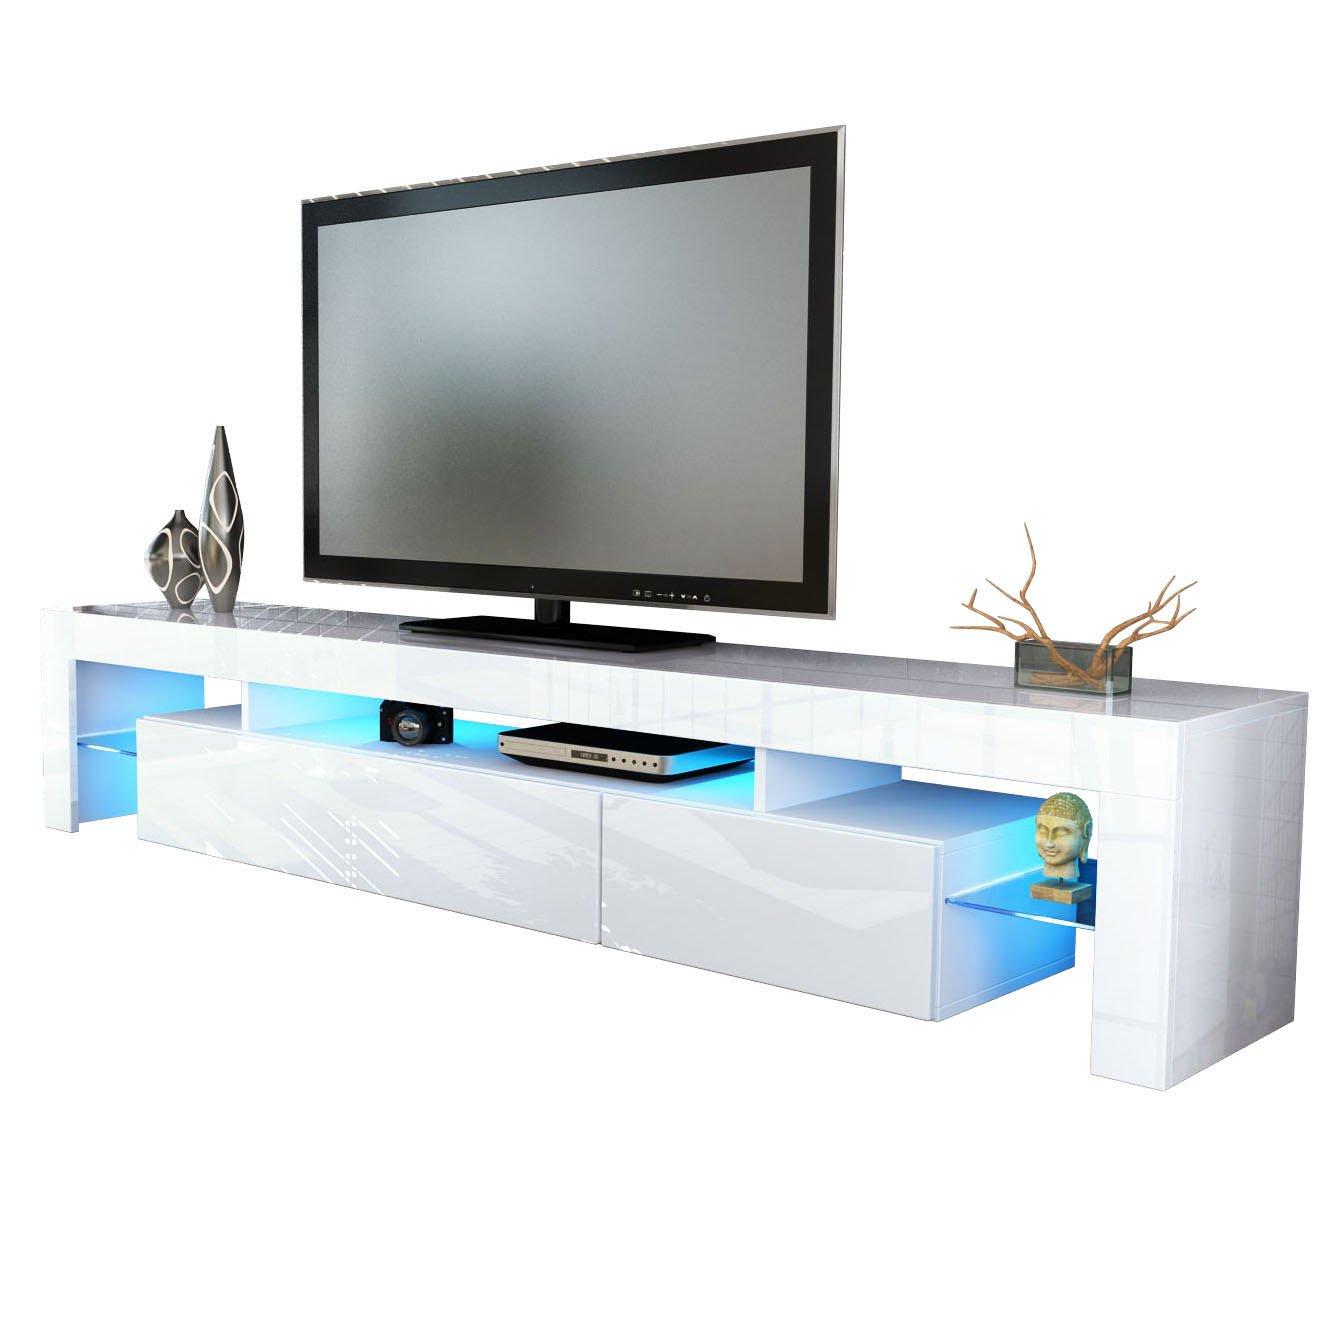 Halterungen & Ständer für Fernseher  warenbewertungencom -> Tv Lowboard Lima